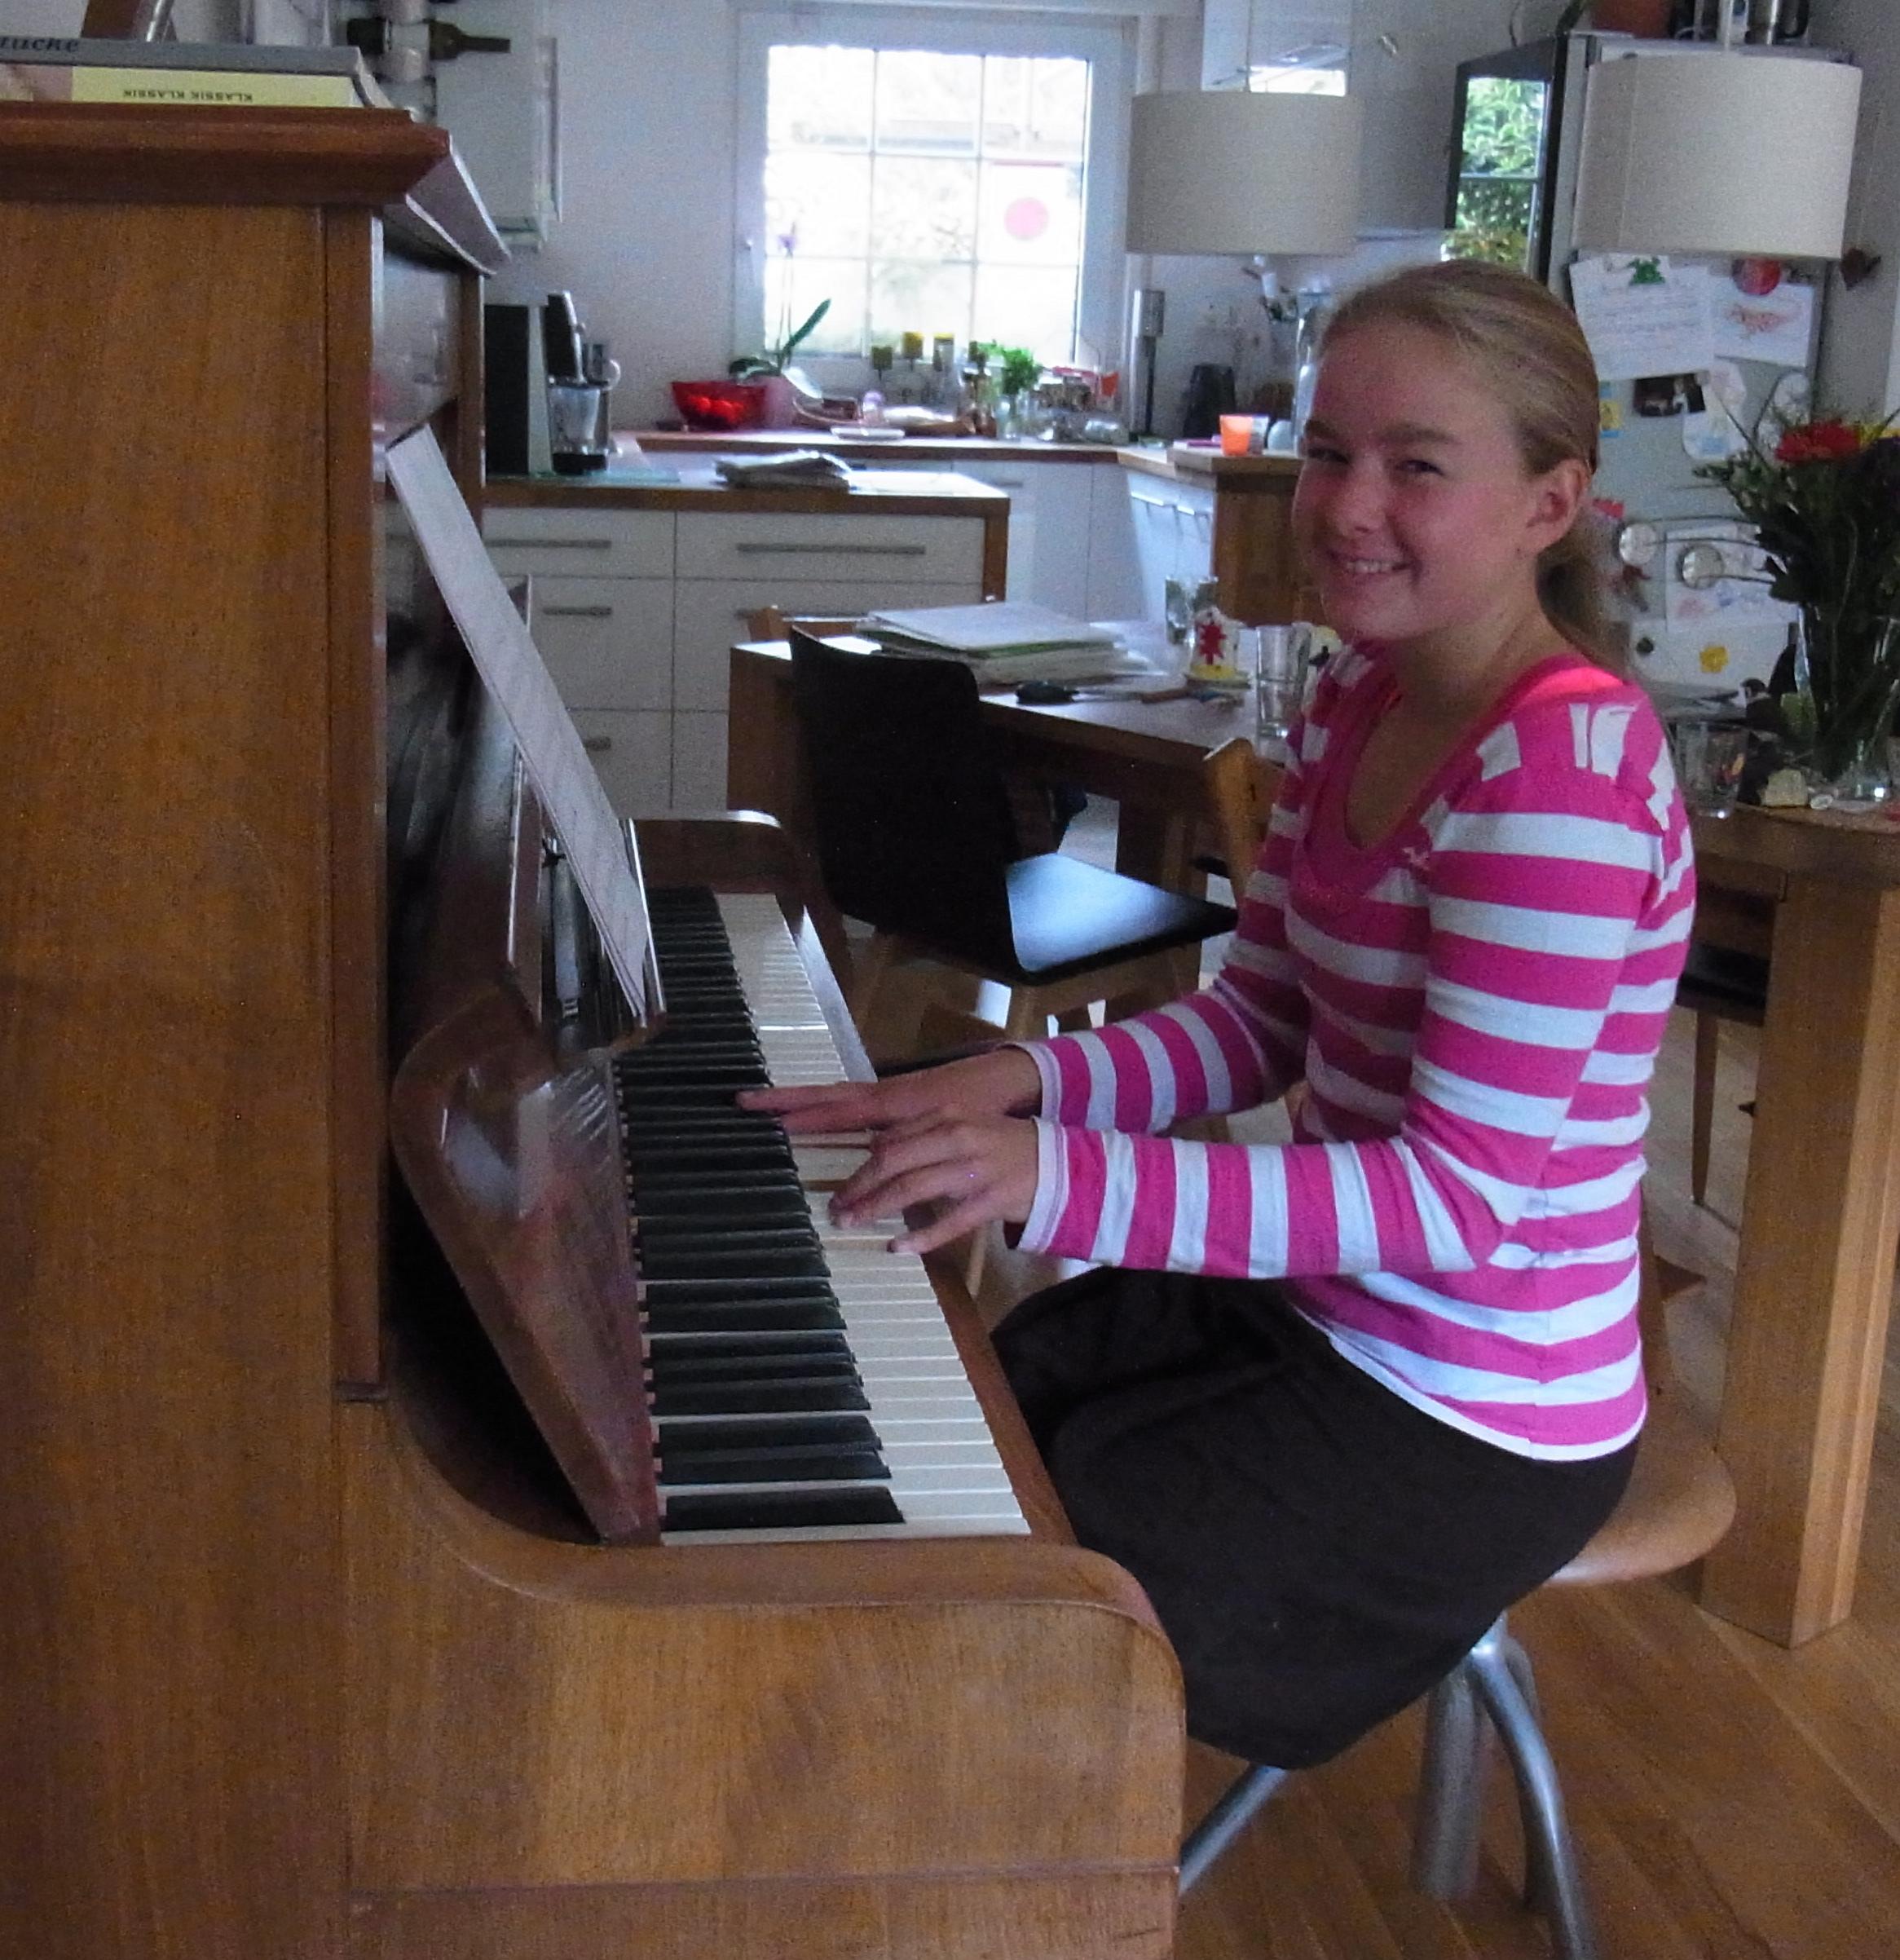 zweifeln beim klavierspielen